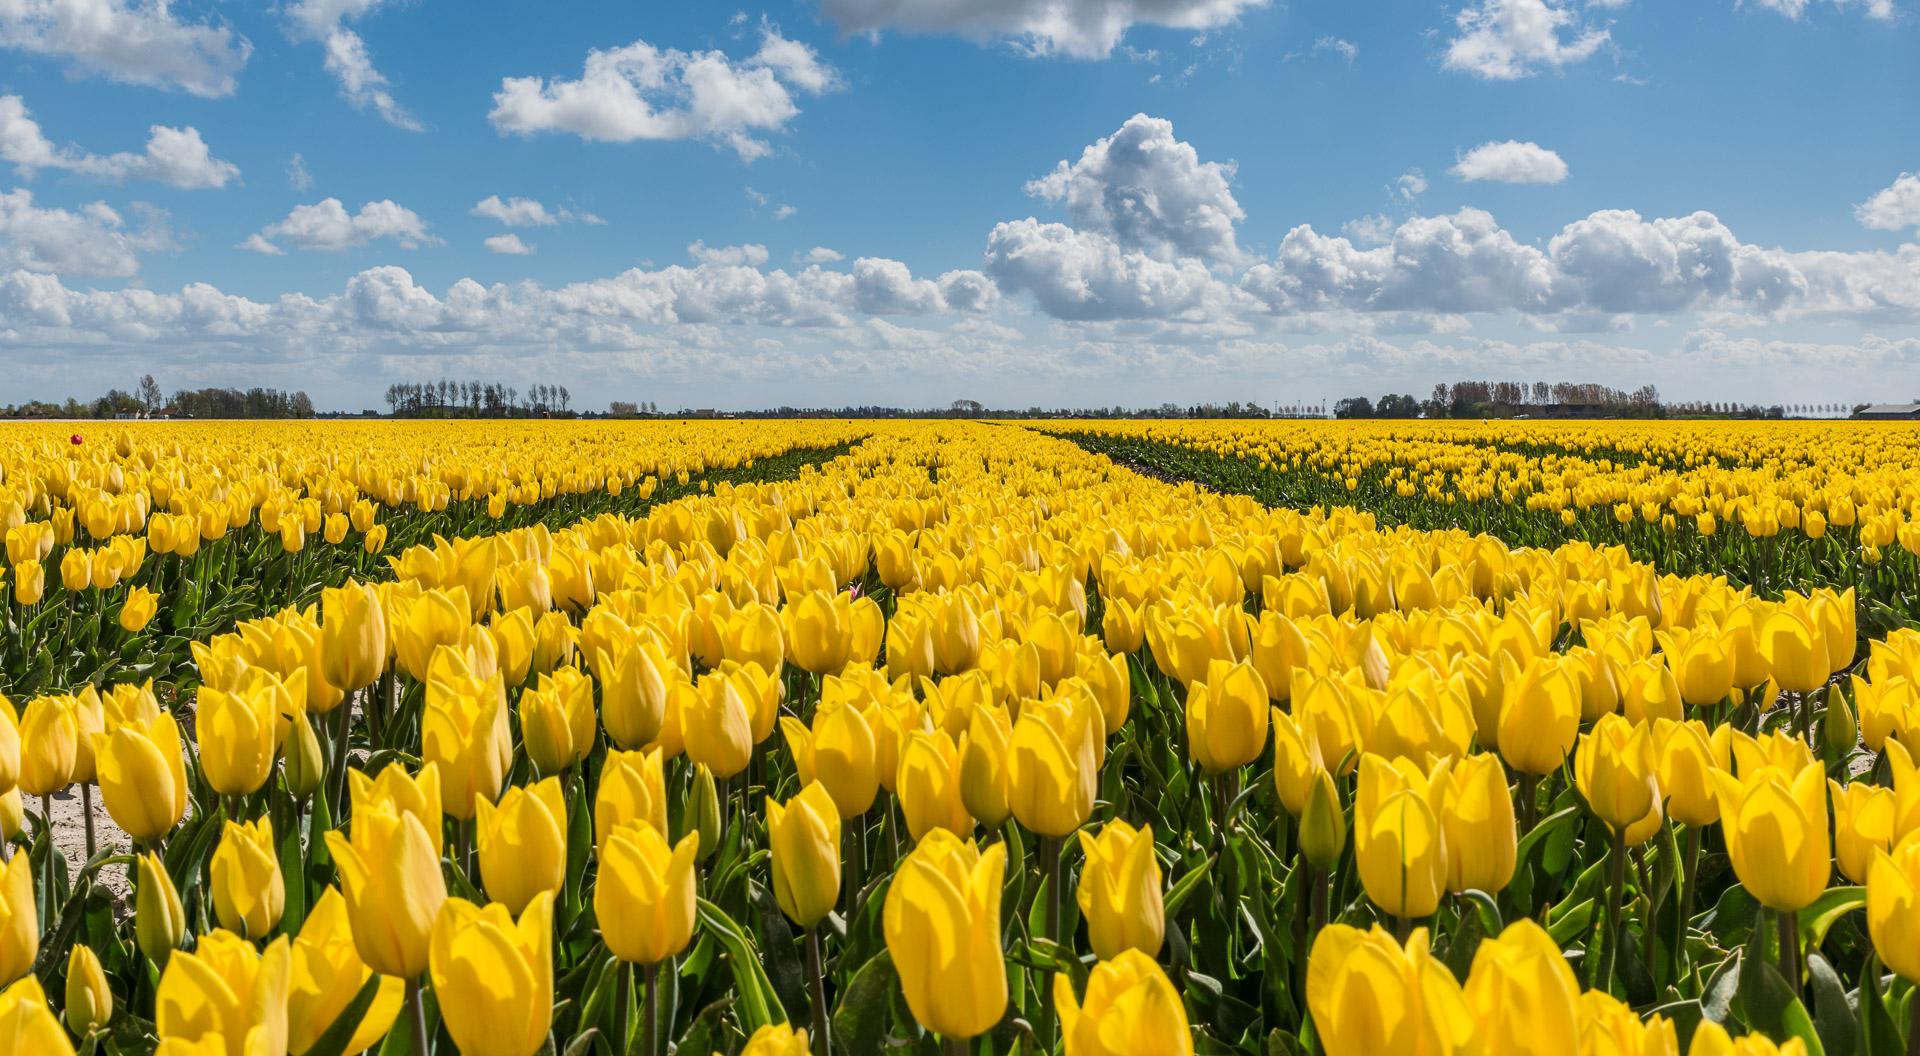 Gele tulpen onder een prachtige blauwe wolkenlucht